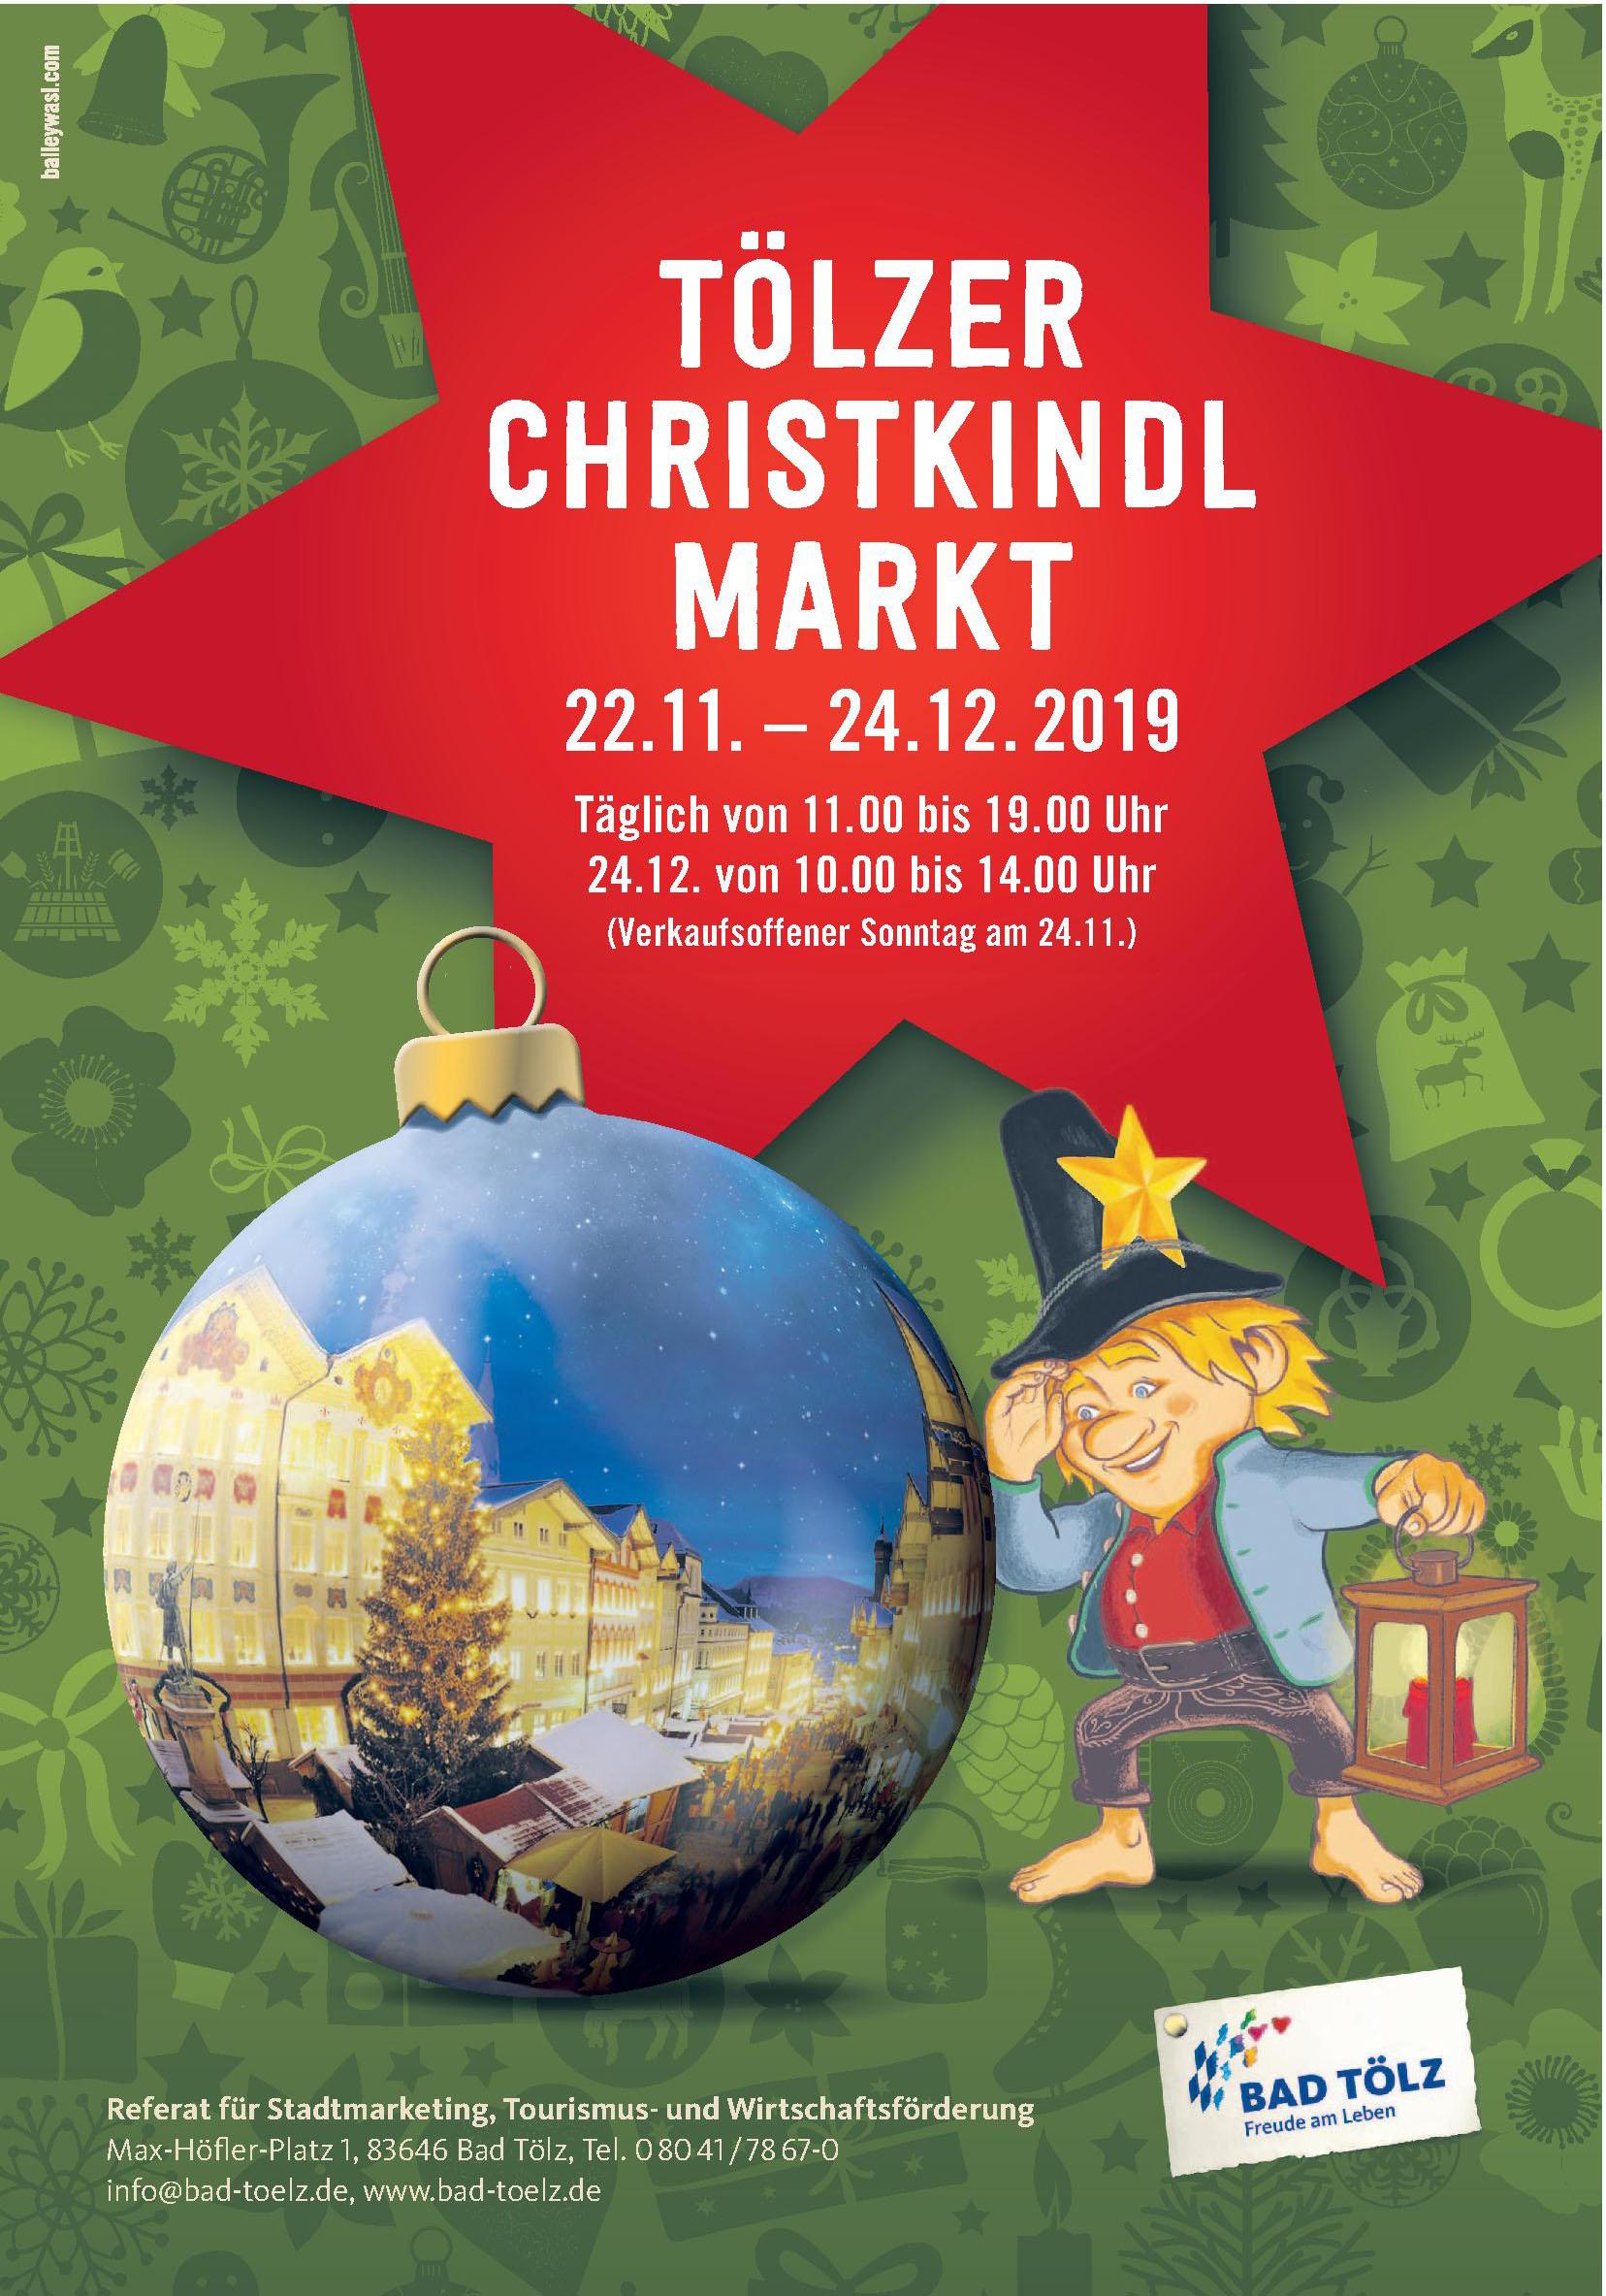 Tölzer Christkindl Markt